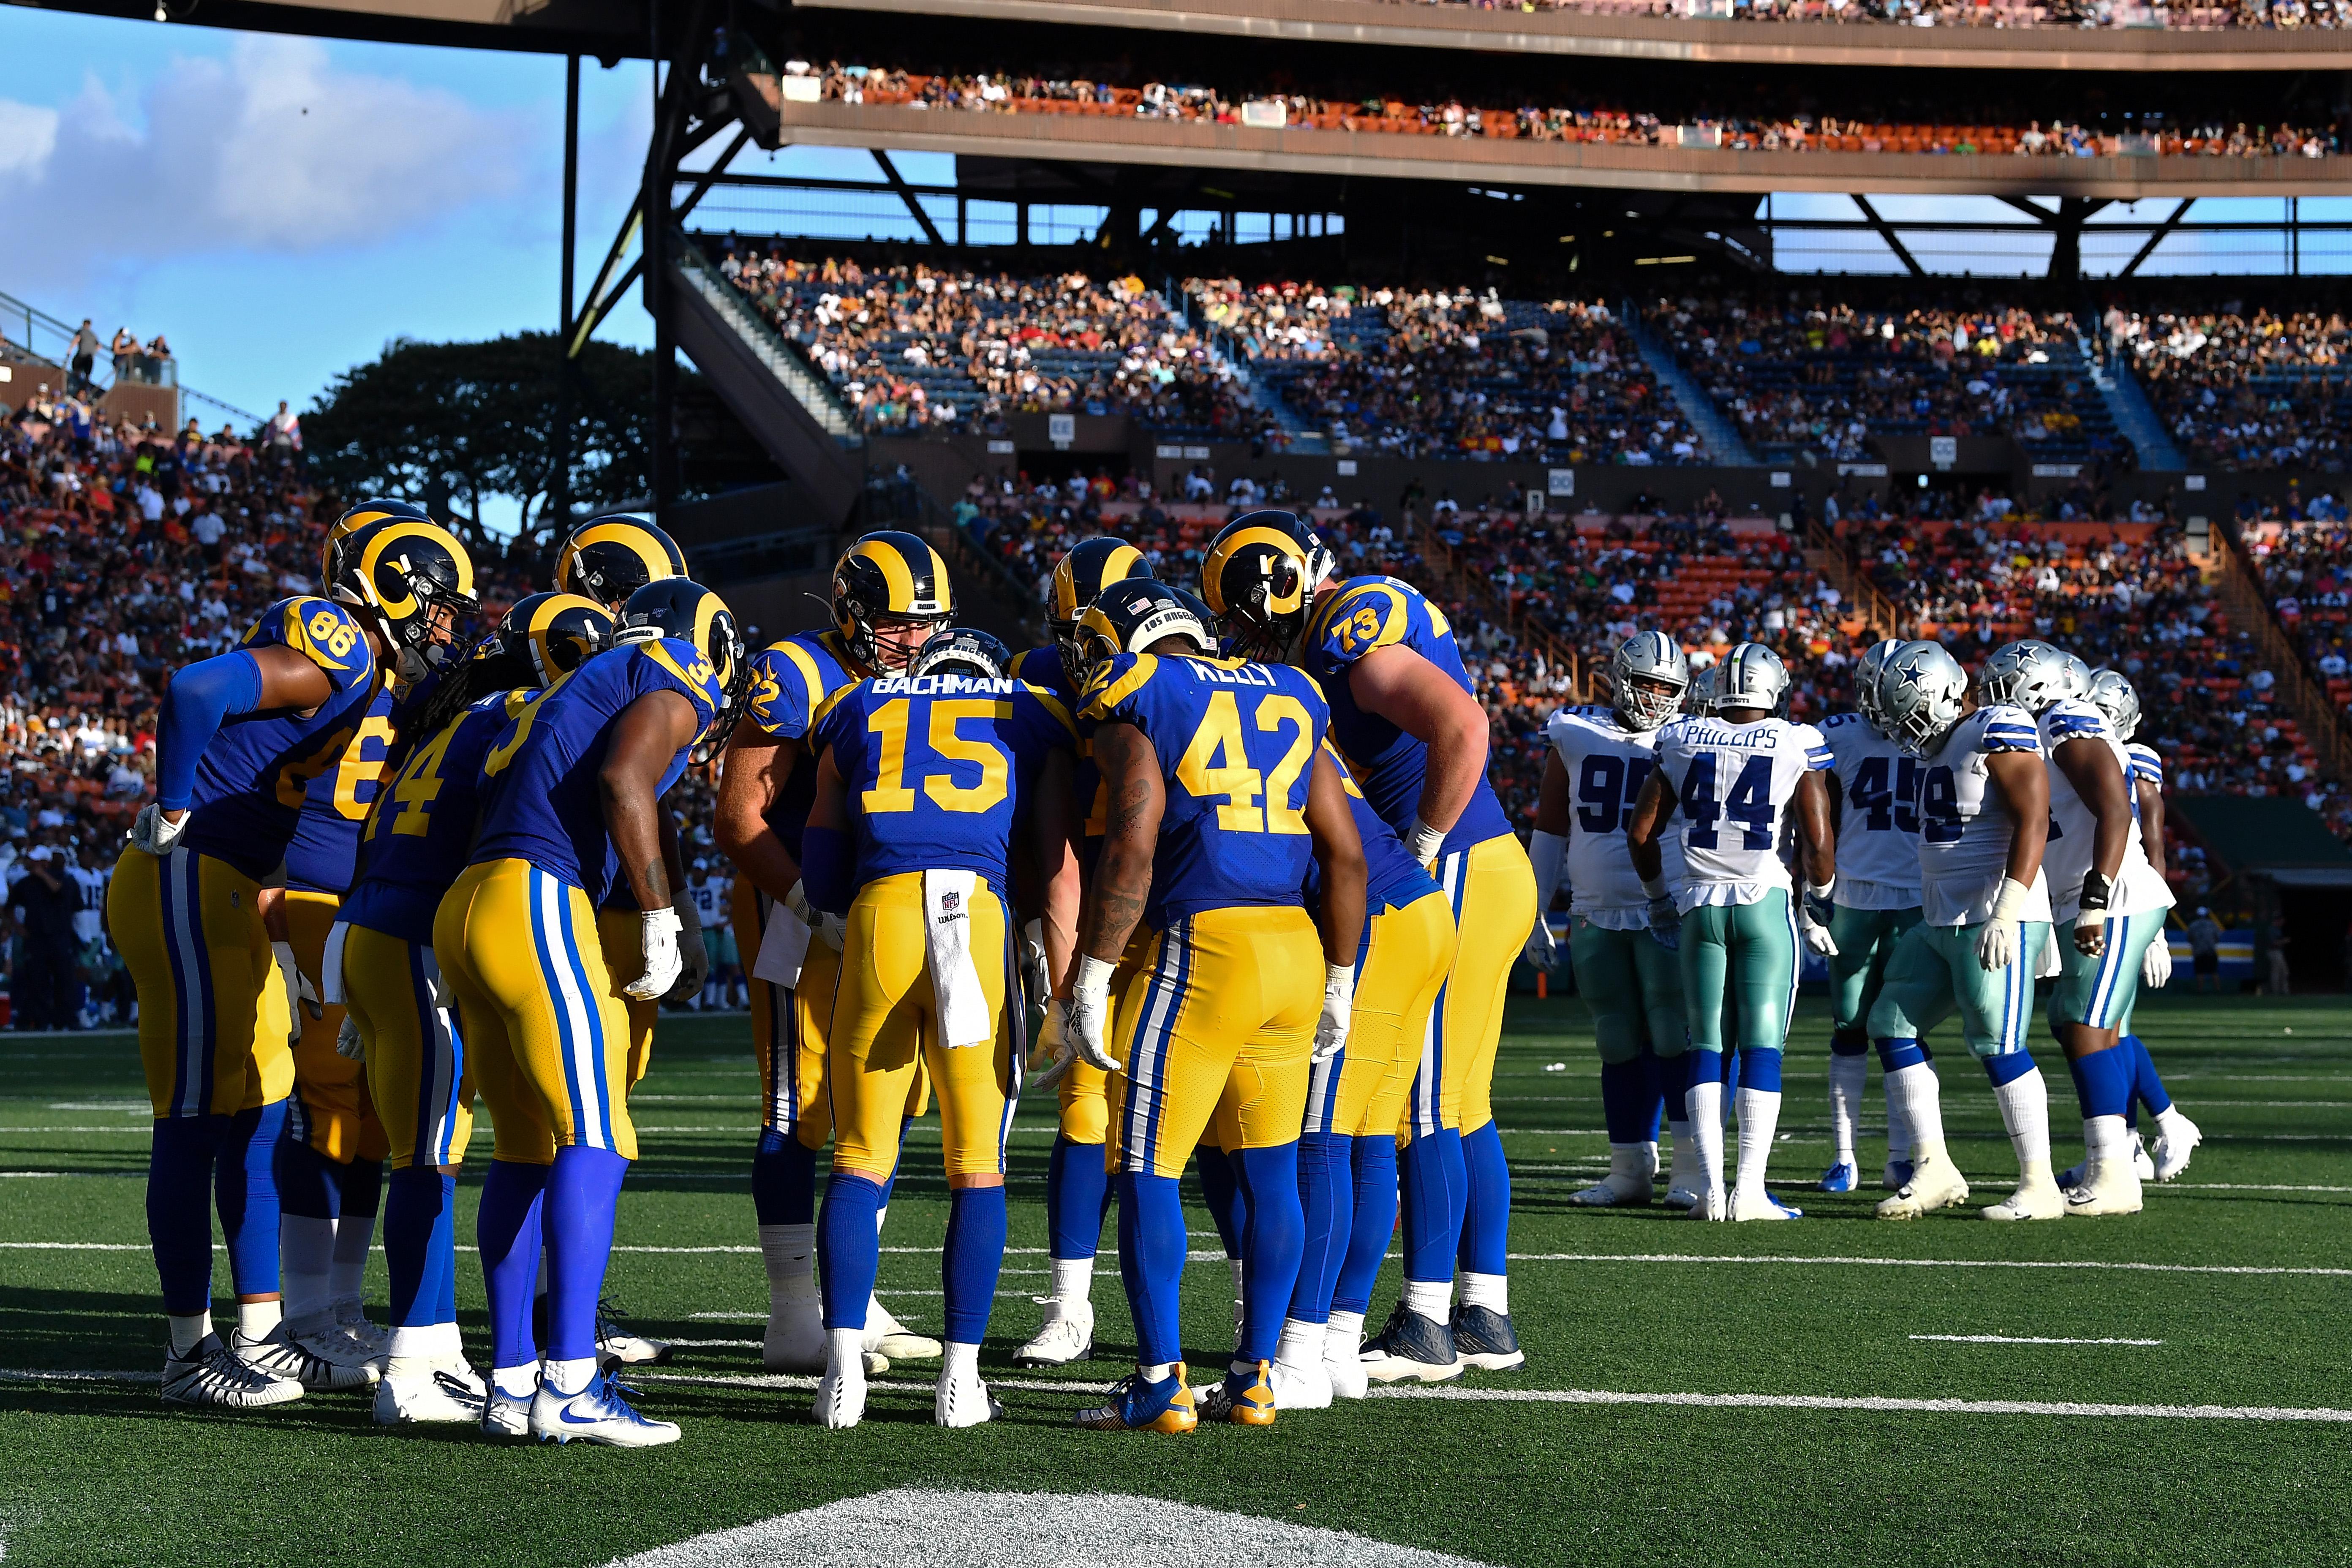 The Los Angeles Rams huddle against the Dallas Cowboys in the preseason Week 2 game in Honolulu, Hawaii, Aug. 17, 2019.